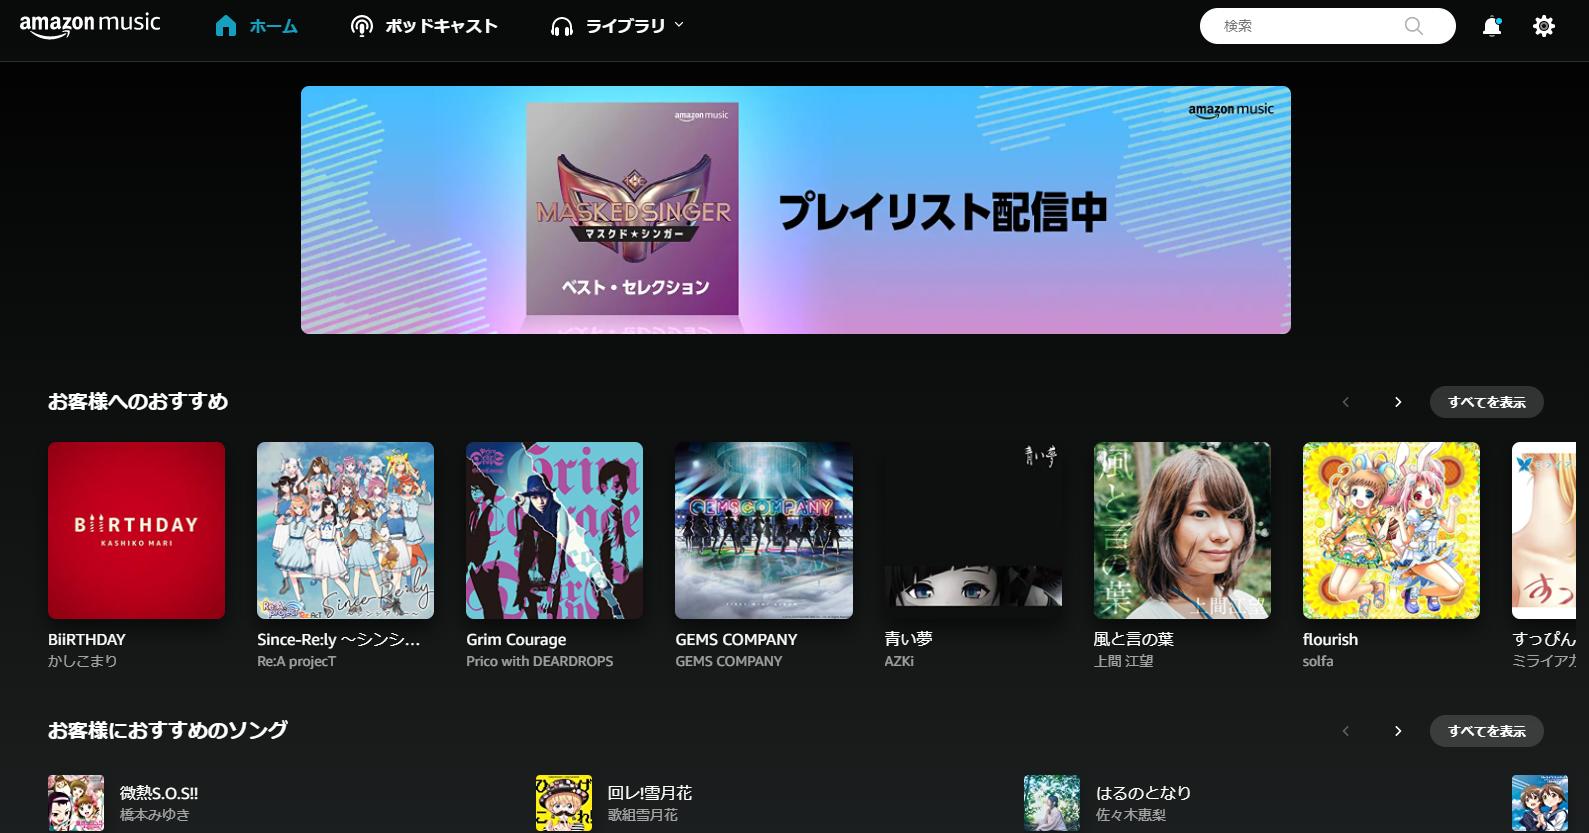 AmazonPrimeMusicのホーム画面